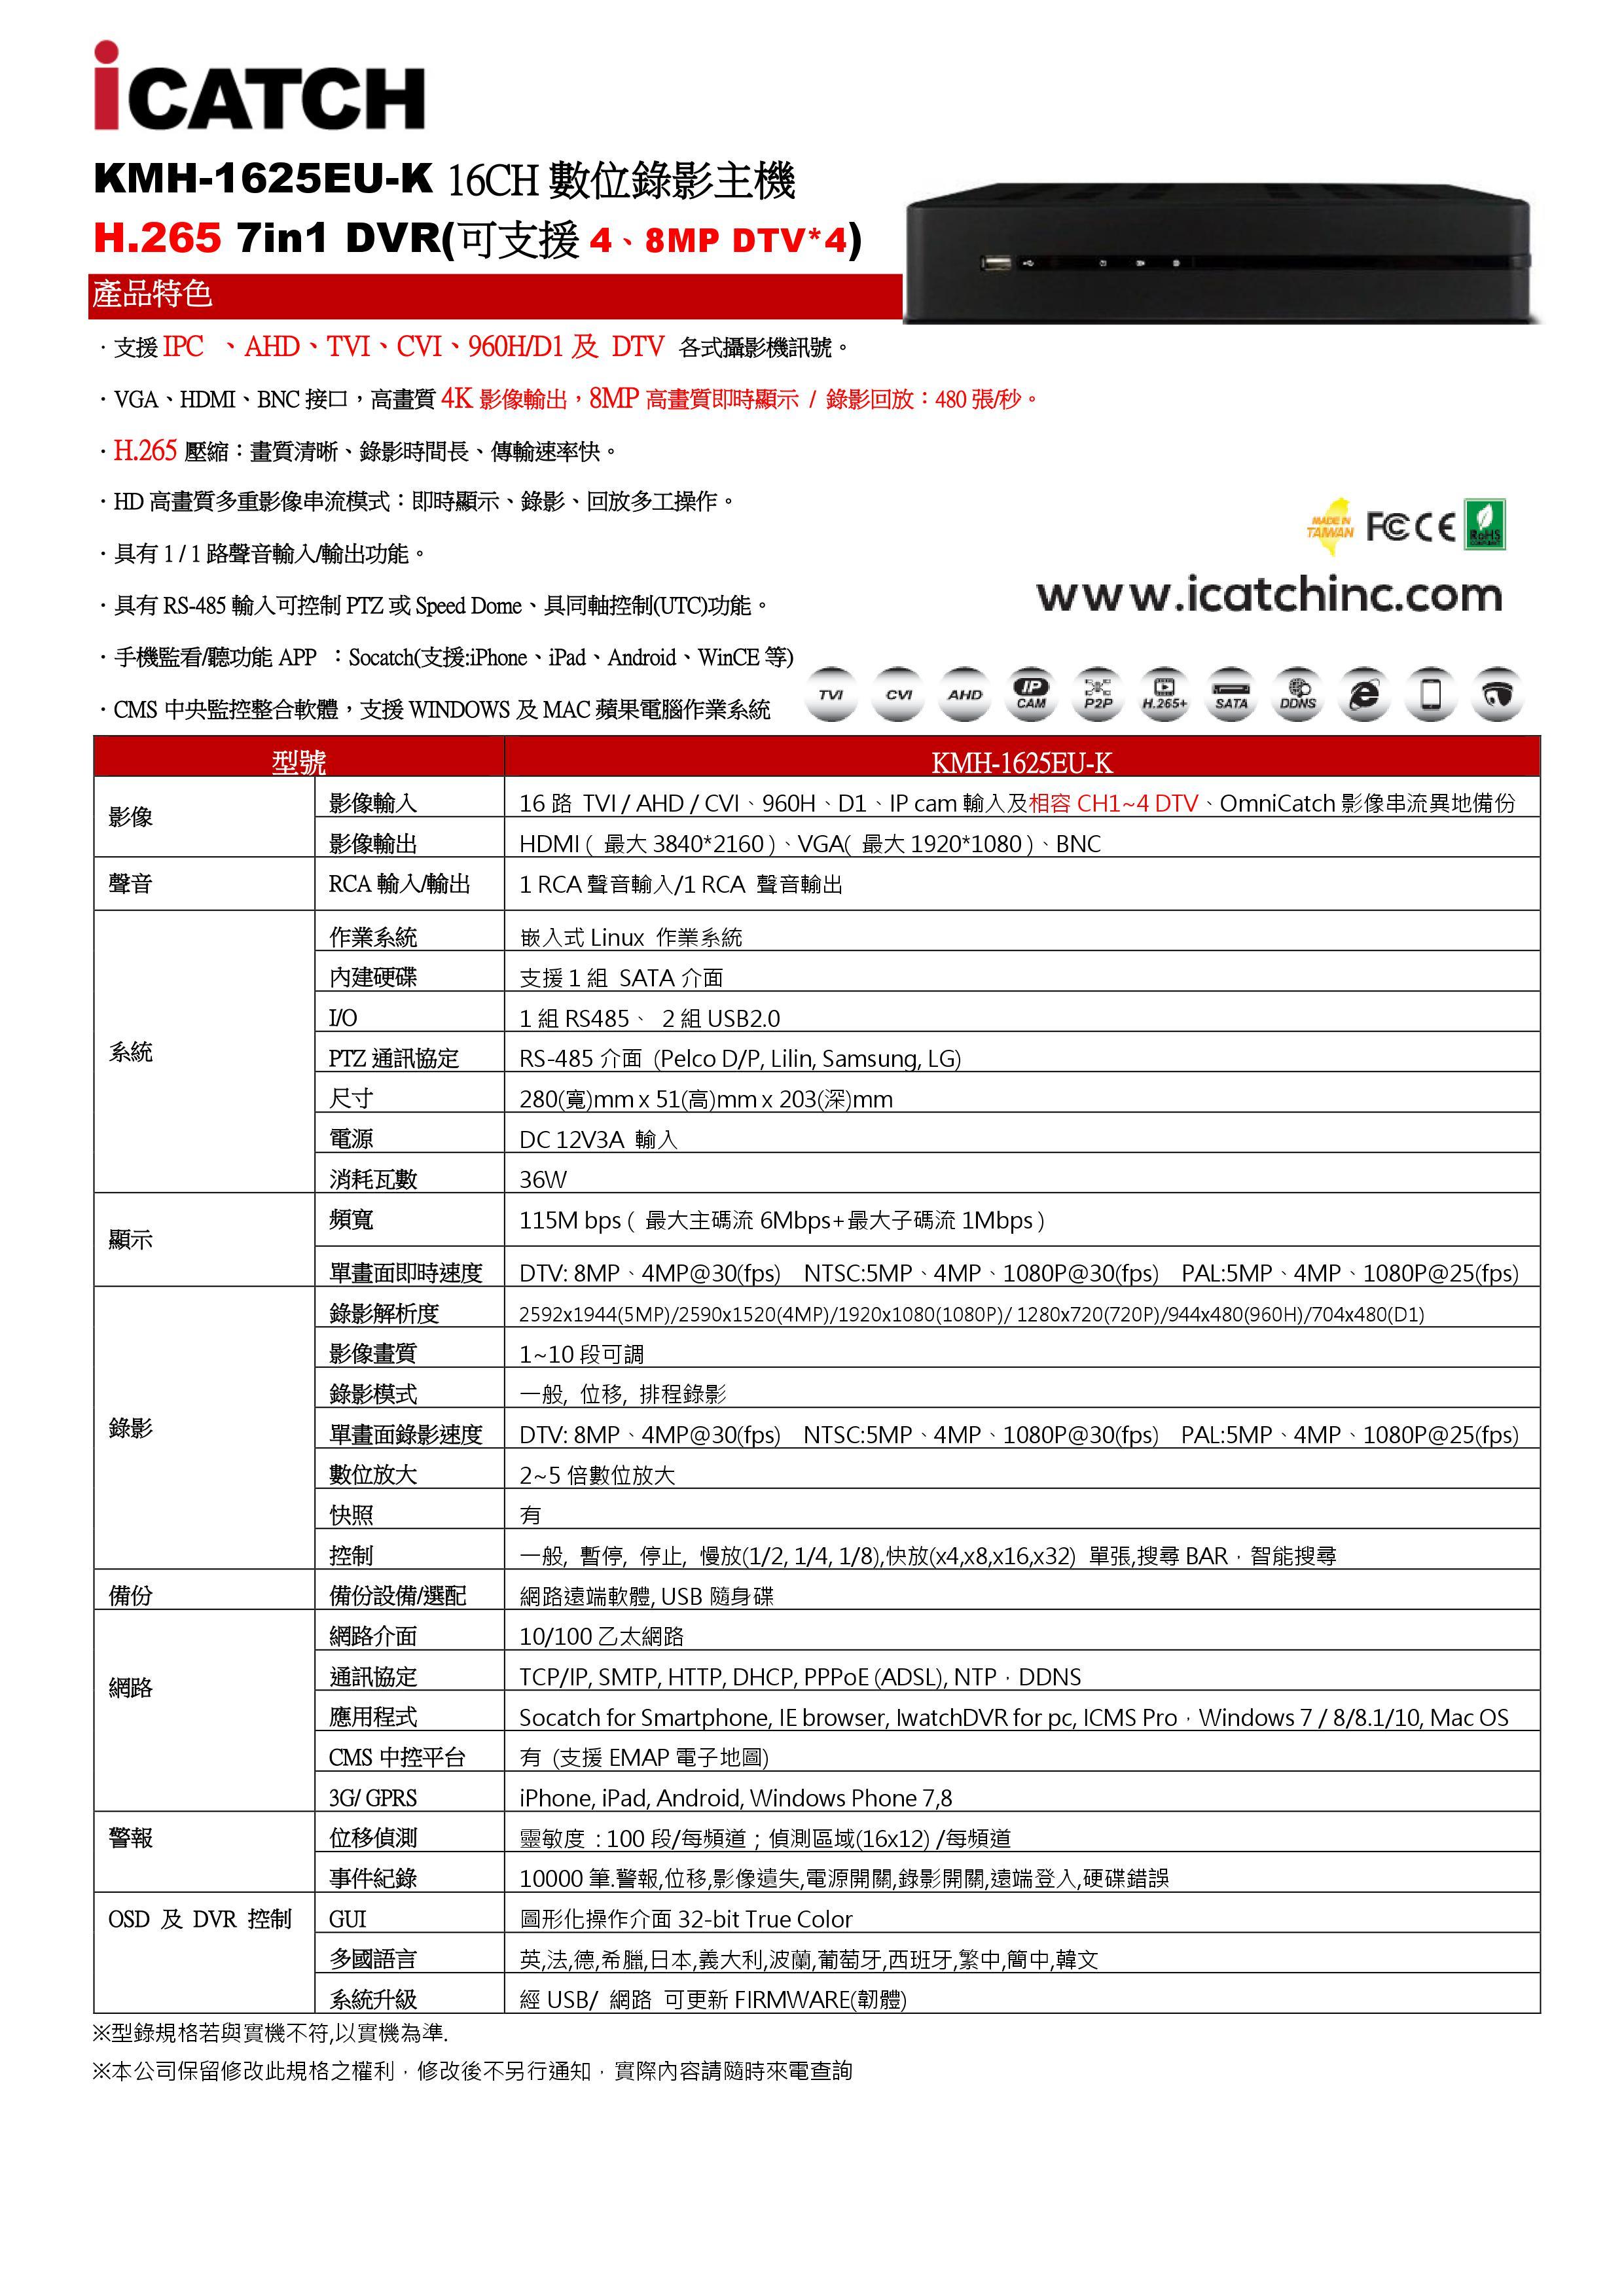 KMH-1625EU-K 16CH數位錄影主機